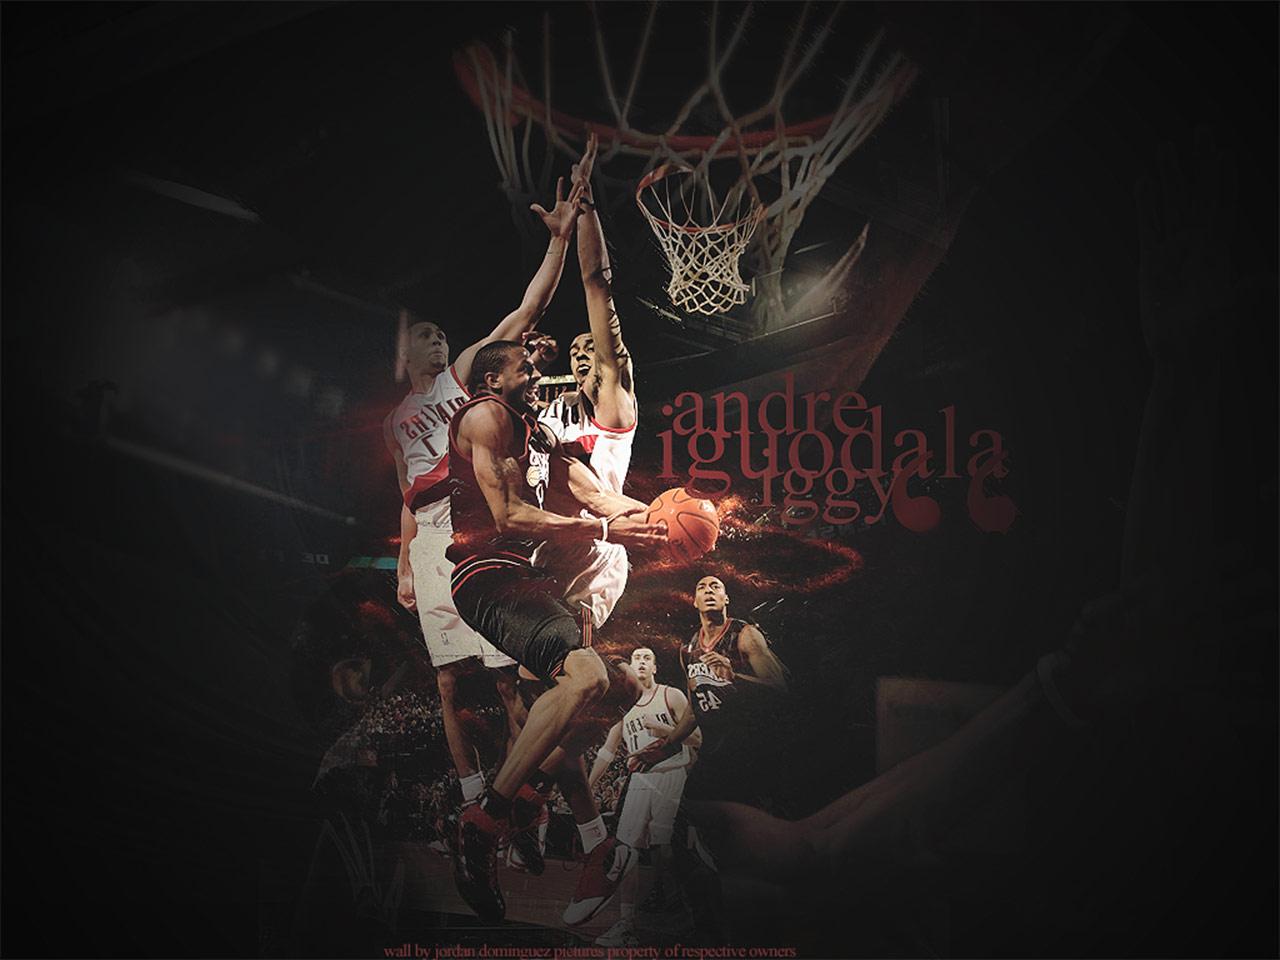 Andre Iguodala Reverse Layup Wallpaper Basketball Wallpapers at 1280x960